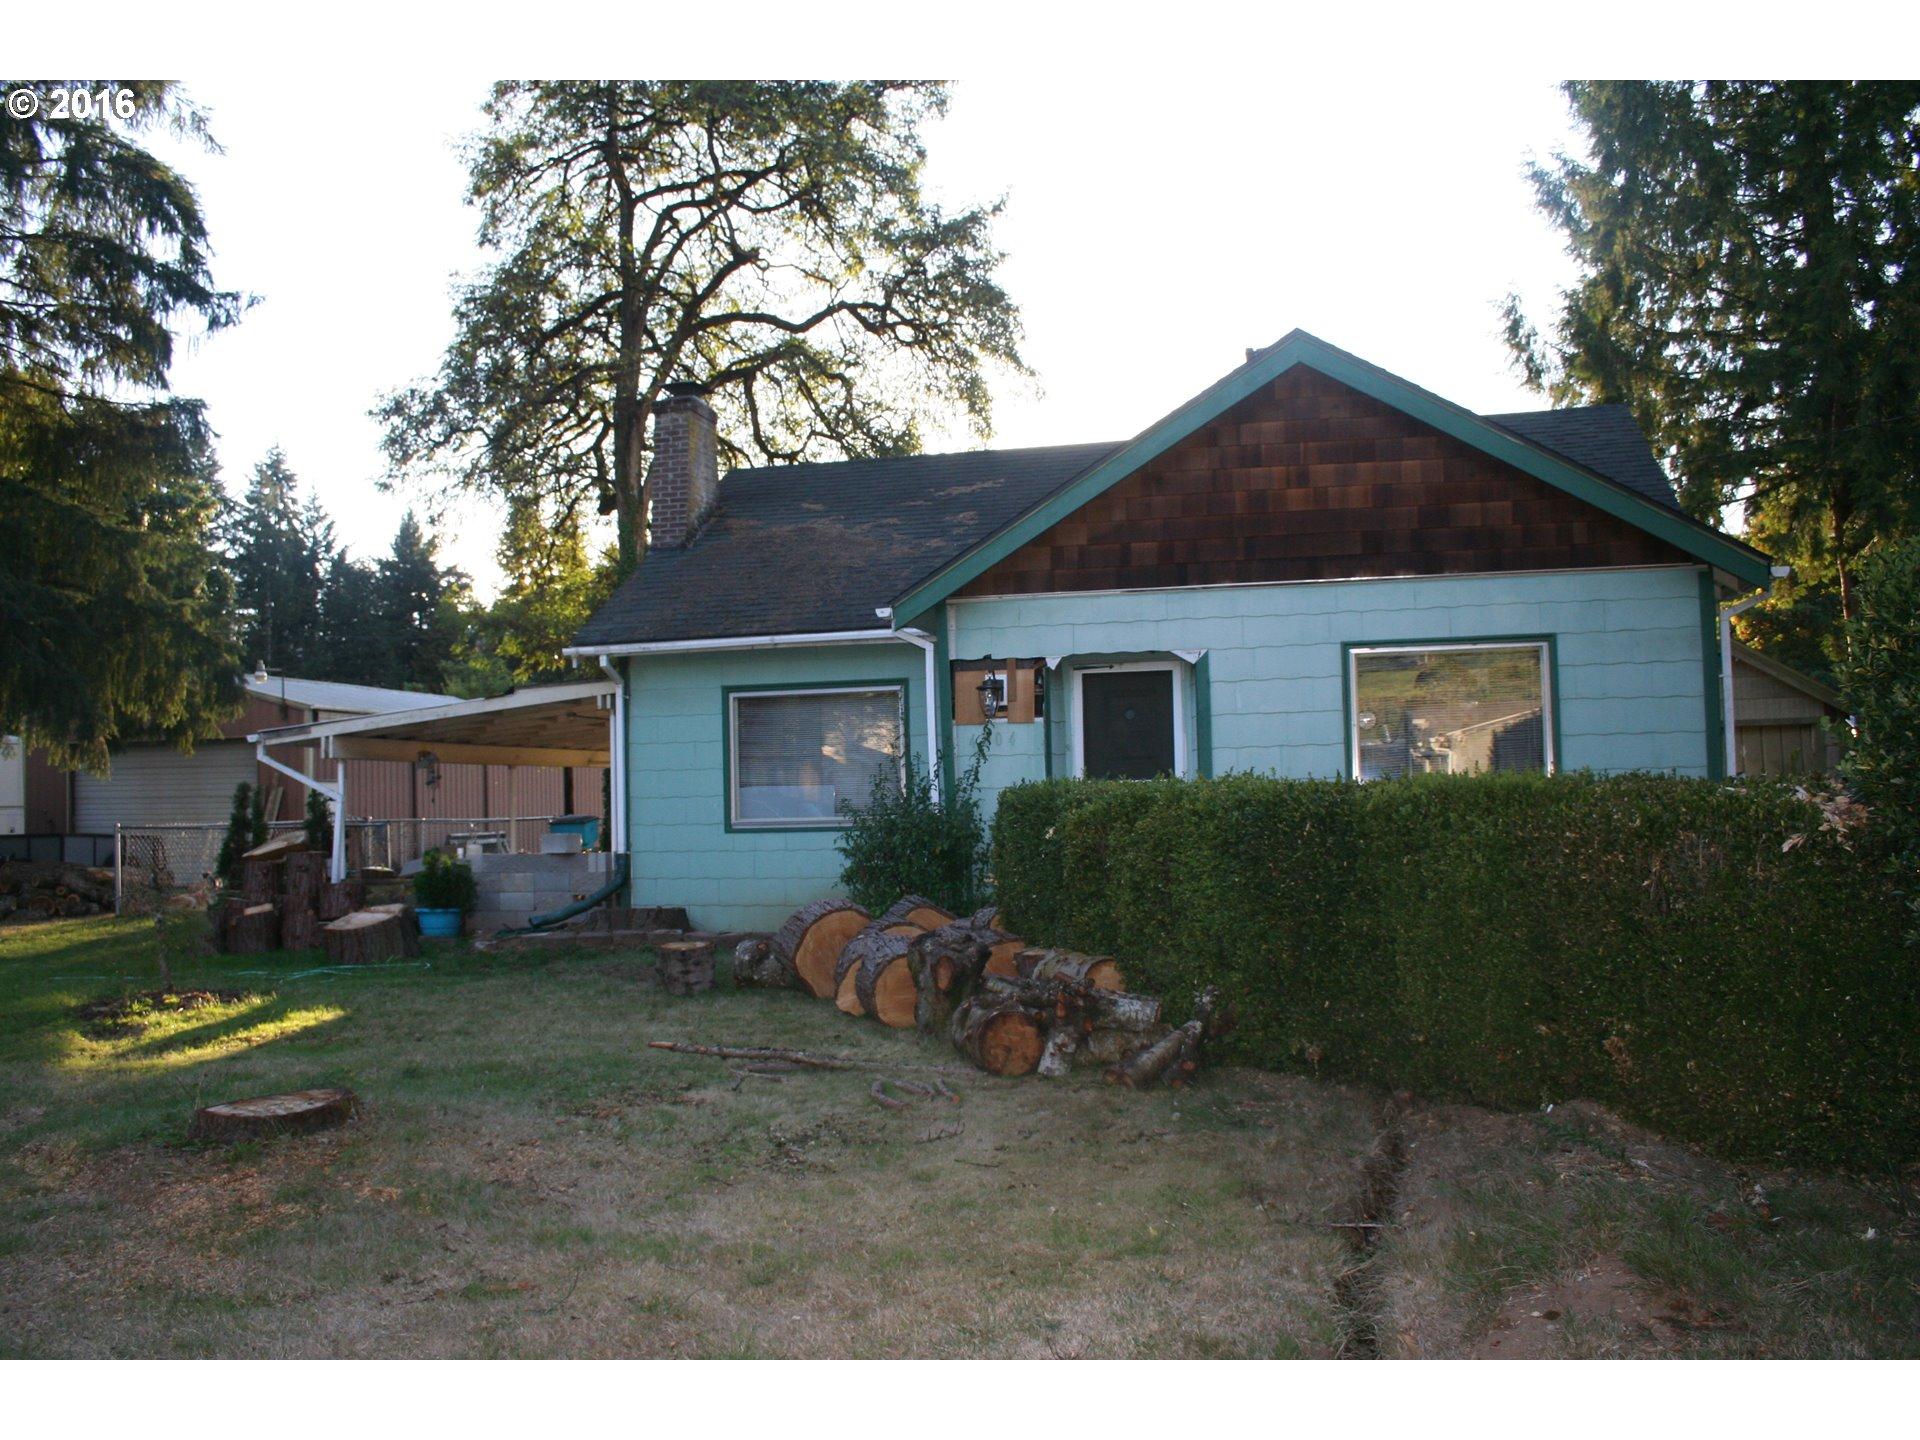 4404 NE 12TH AVE, Vancouver, WA 98663